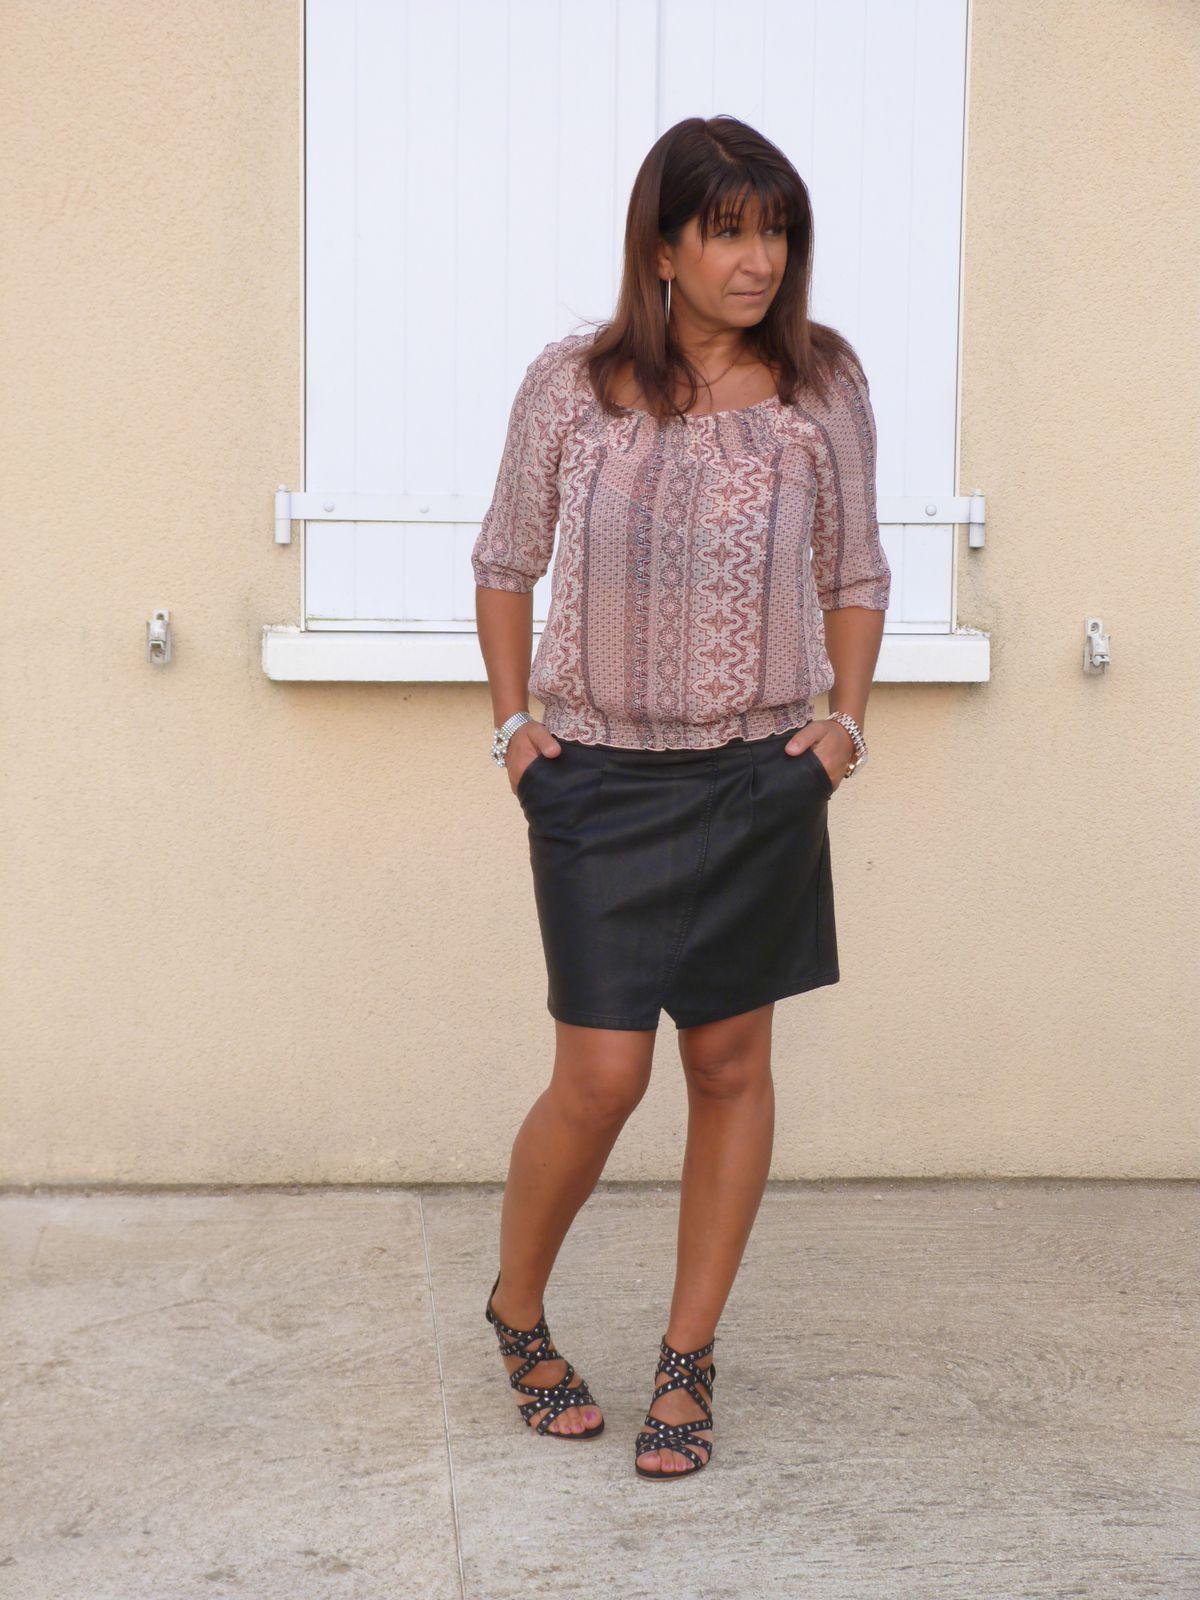 chemisier : LA HALLE AUX VETEMENTS  jupe :CACHE CACHE   chaussures : LA HALLE AUX CHAUSSURES